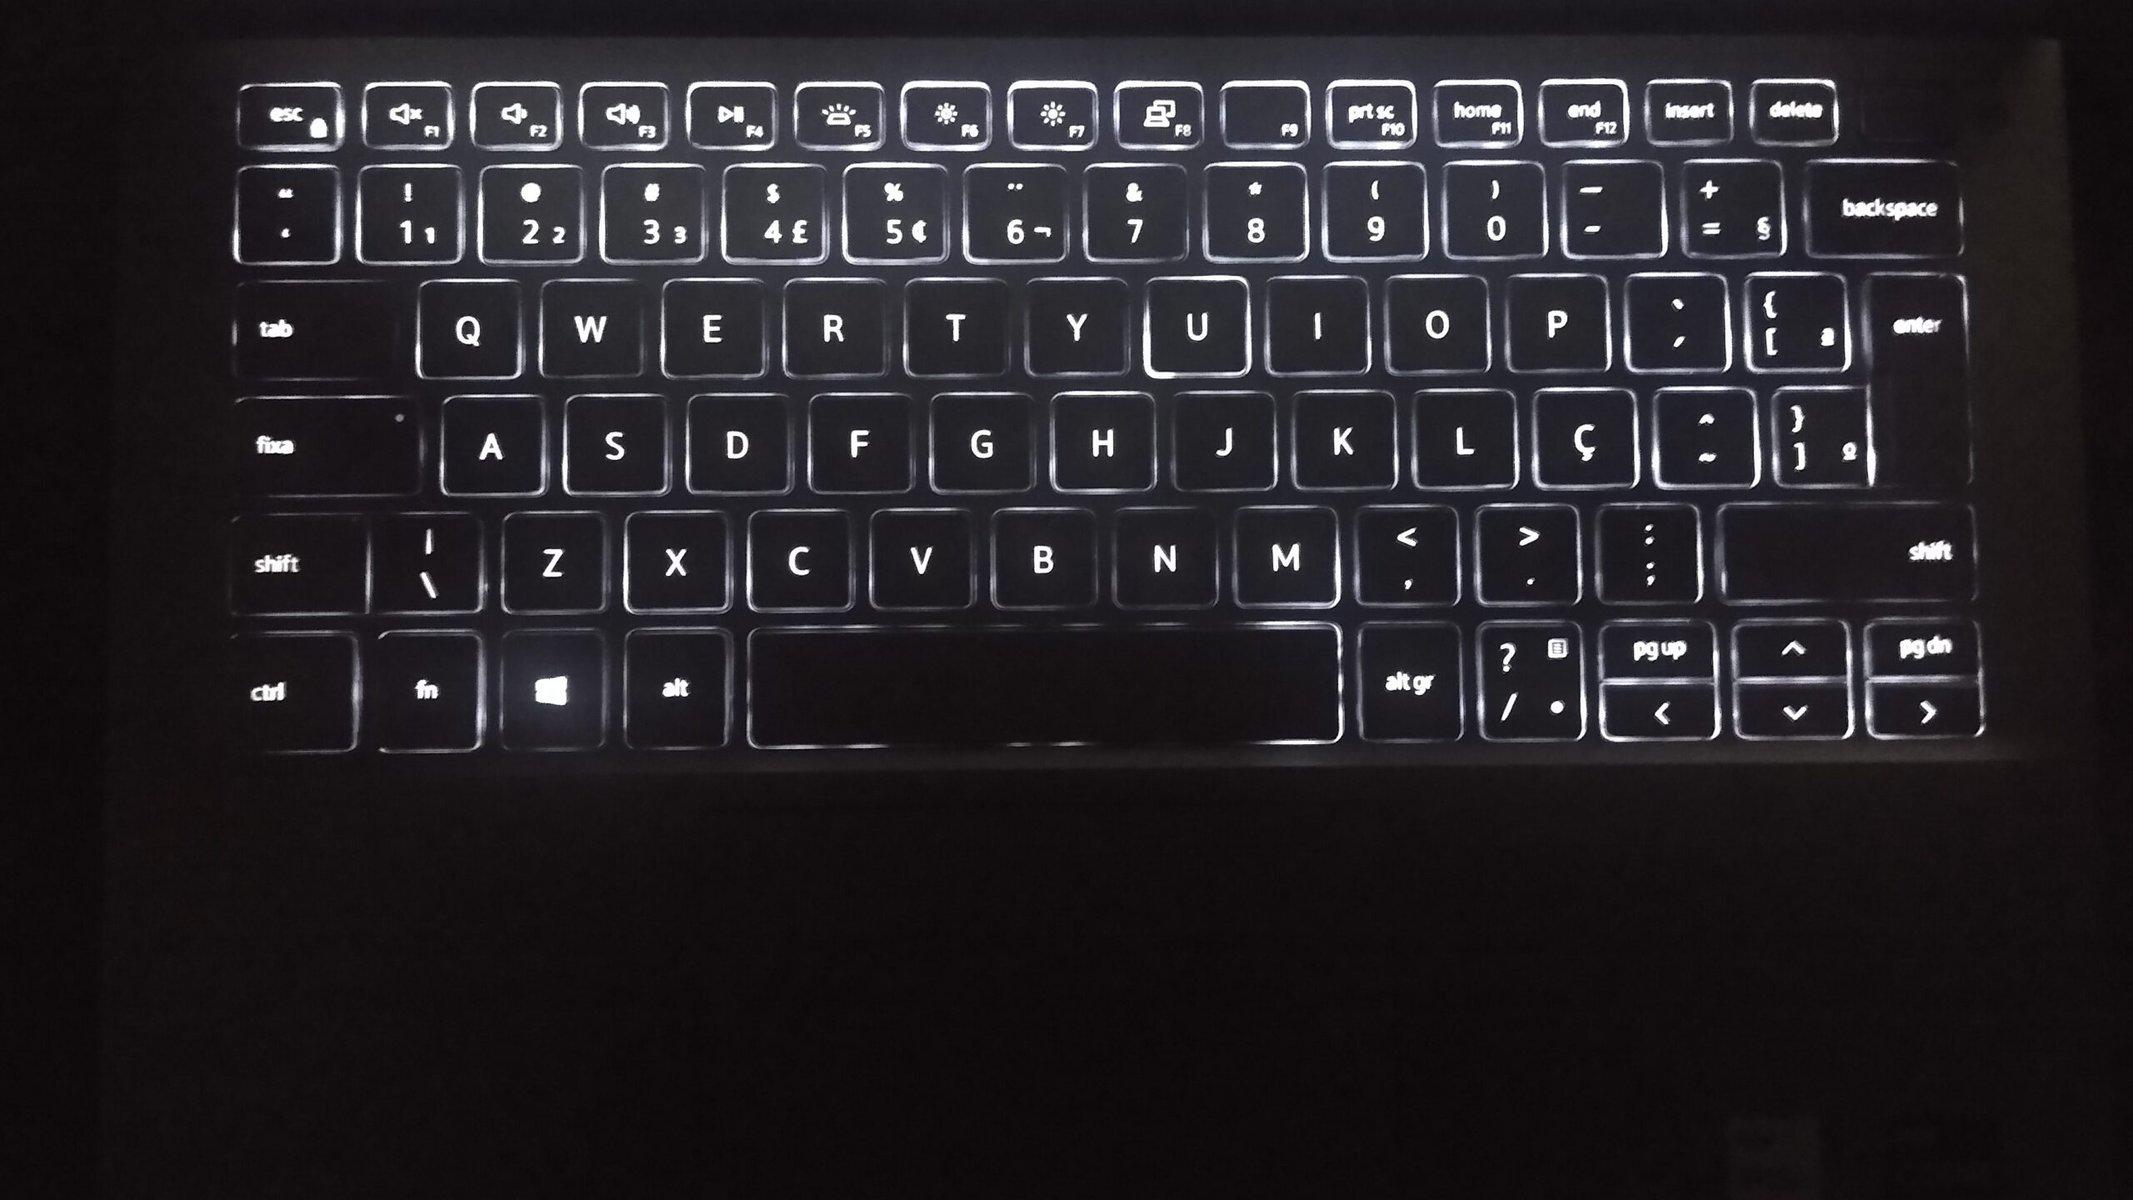 Review: dell inspiron 13 5000, um belo notebook ultrafino com o melhor da intel. O dell inspiron 13 5000 é um excelente notebook para trabalho e possui uma tela perfeita para assistir filmes e séries